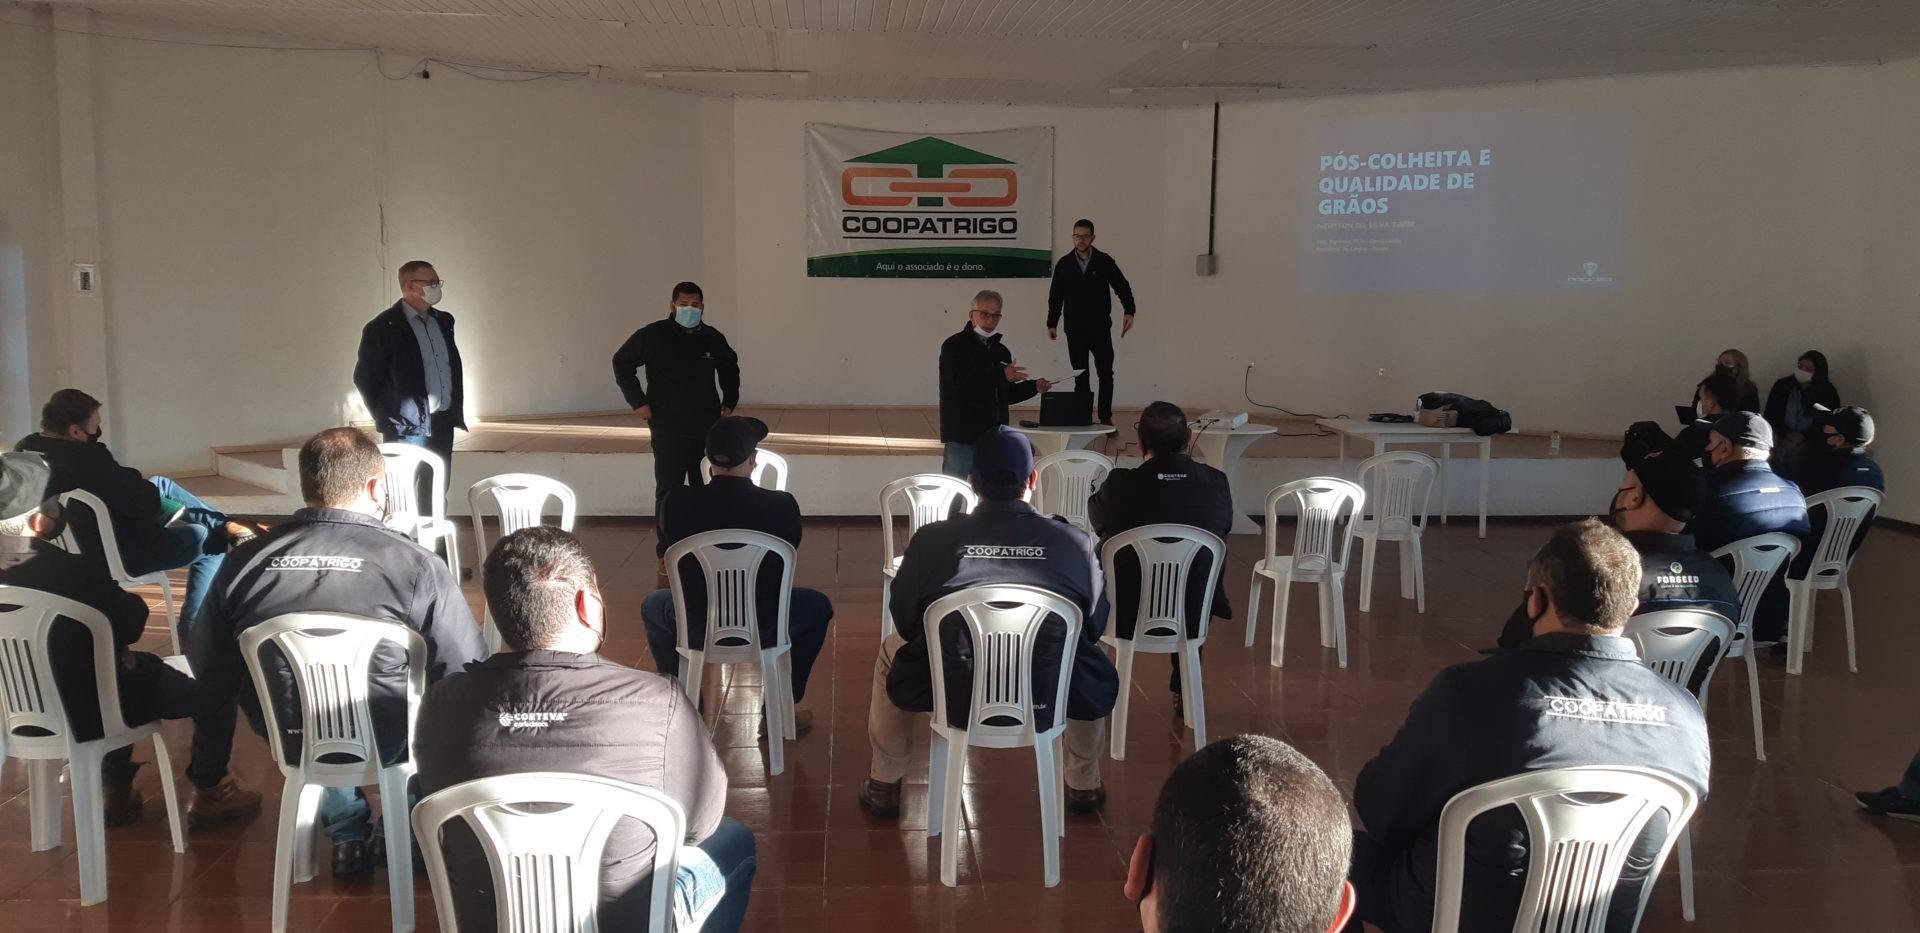 Coopatrigo realiza treinamento sobre tecnologias em armazenagem de grãos